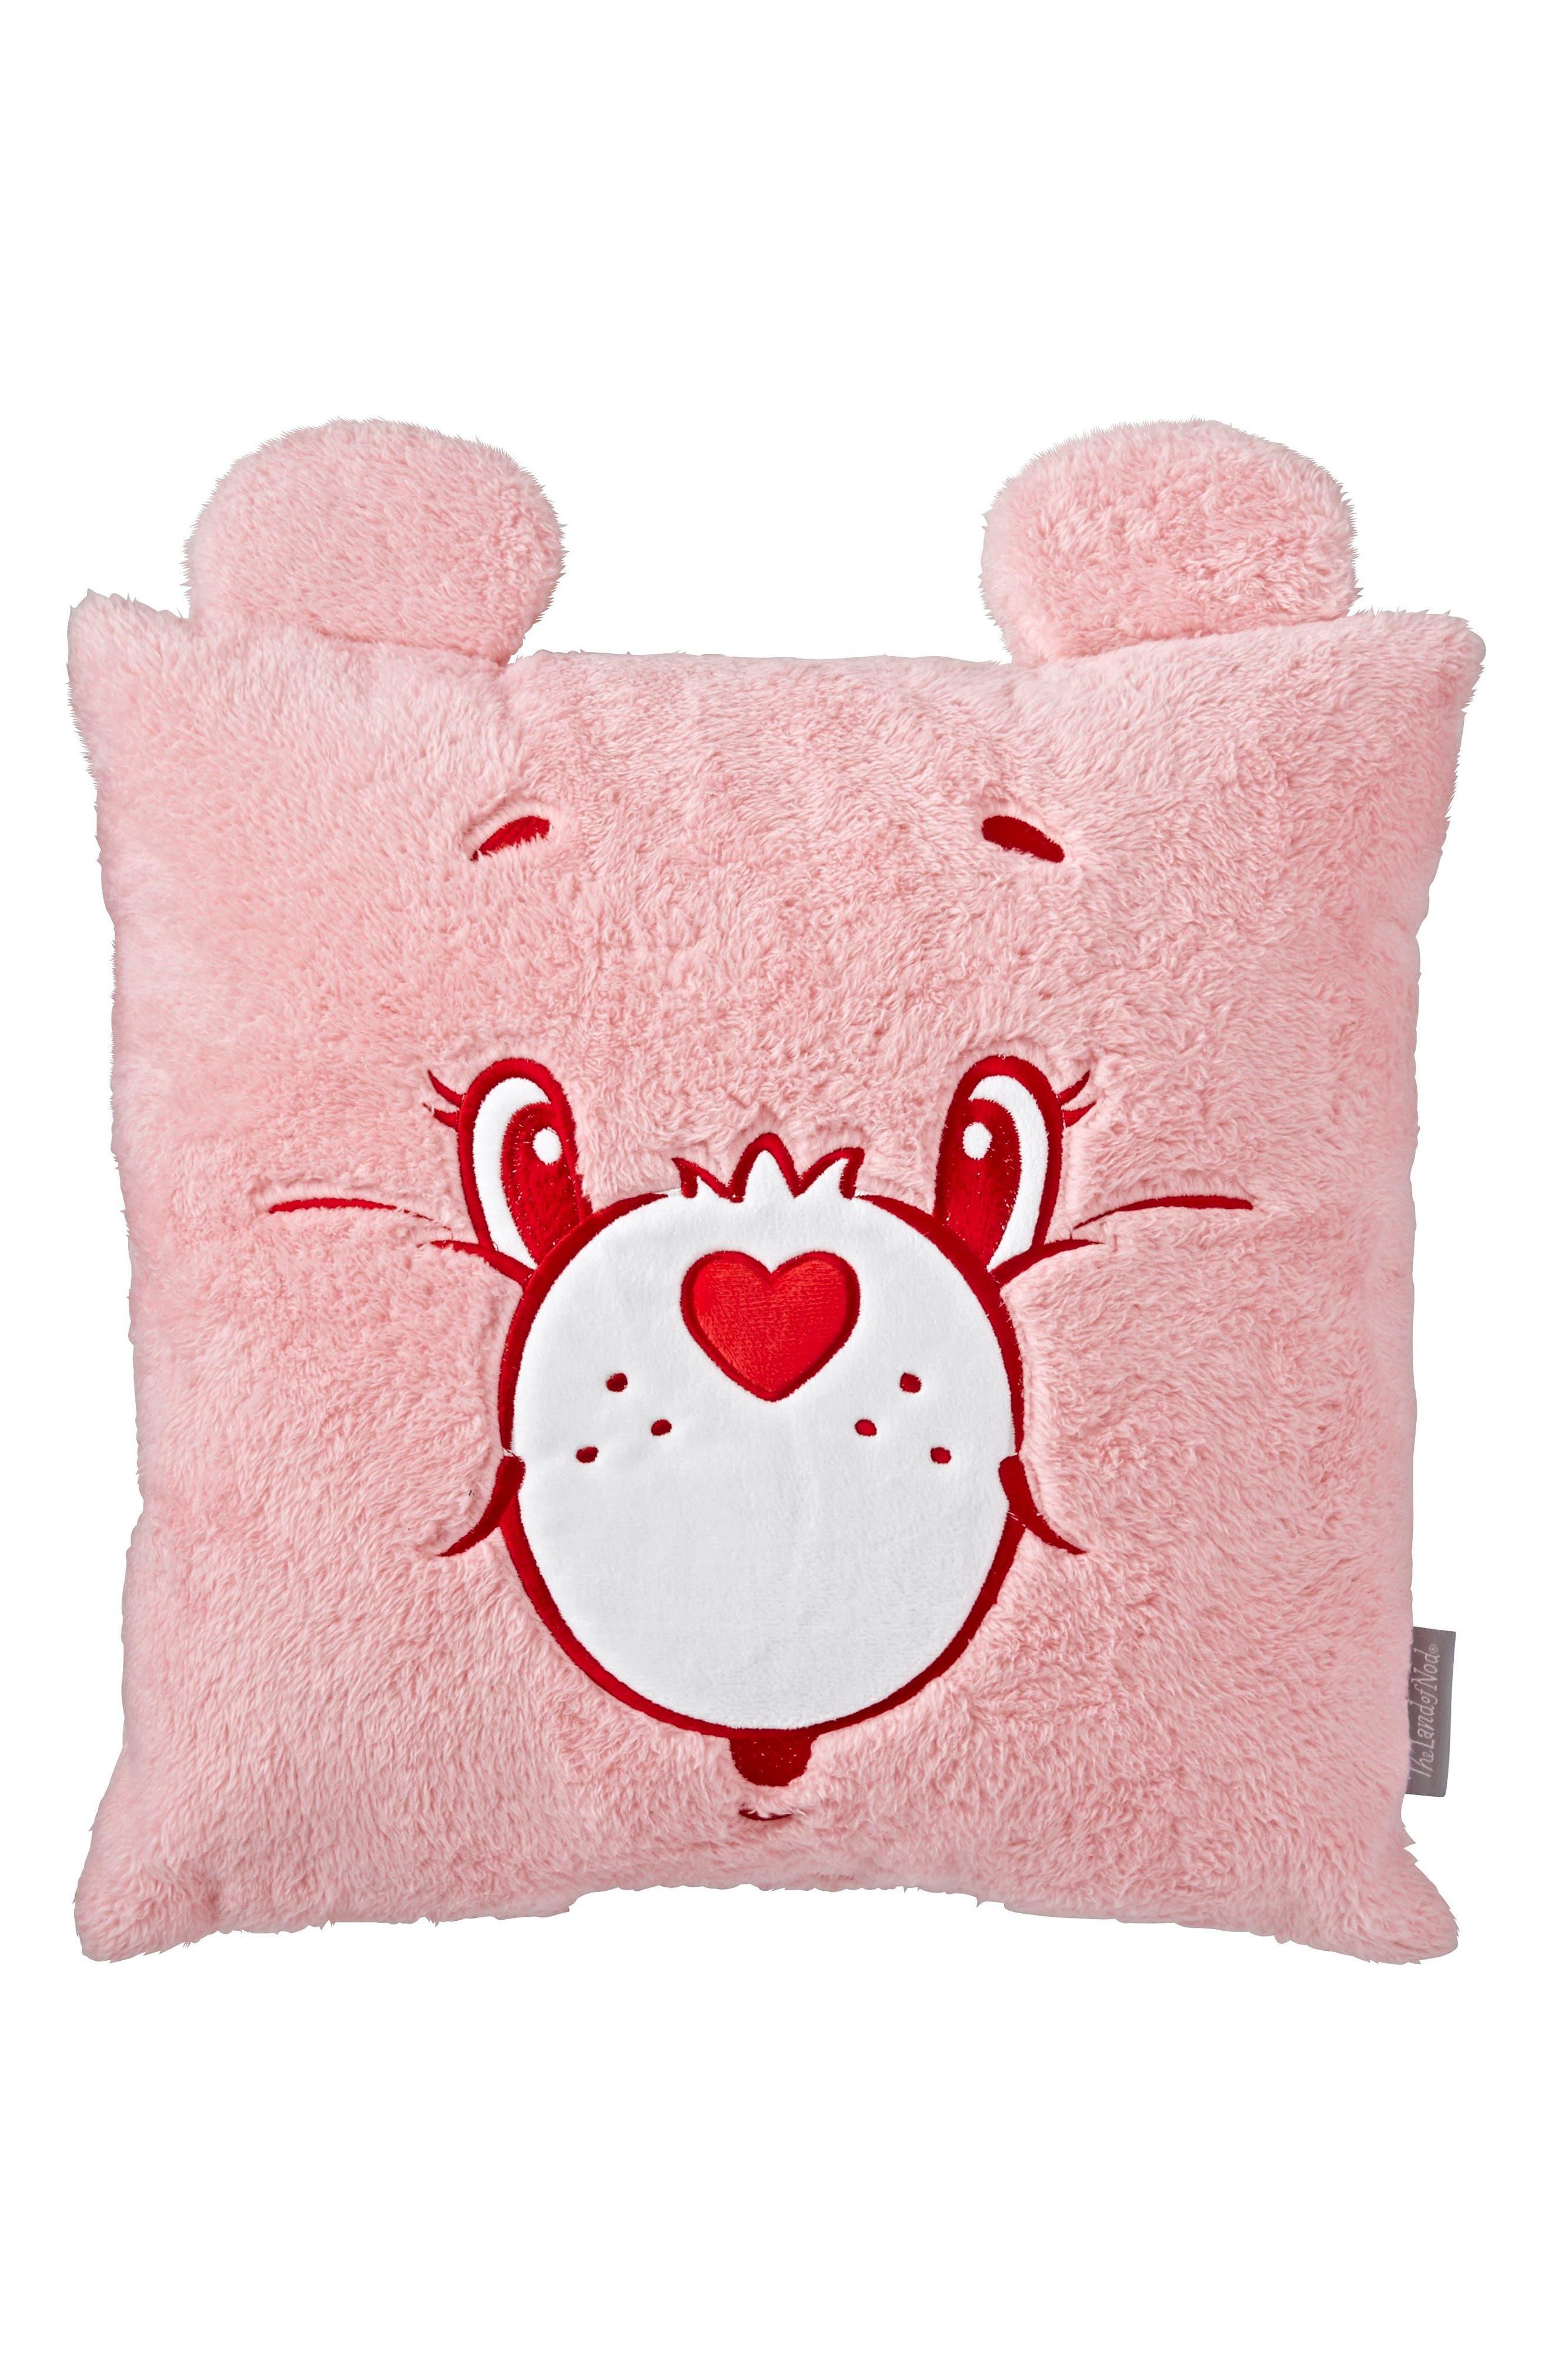 Decorative Pillows \u0026 Poufs: Bedrooms   Nordstrom